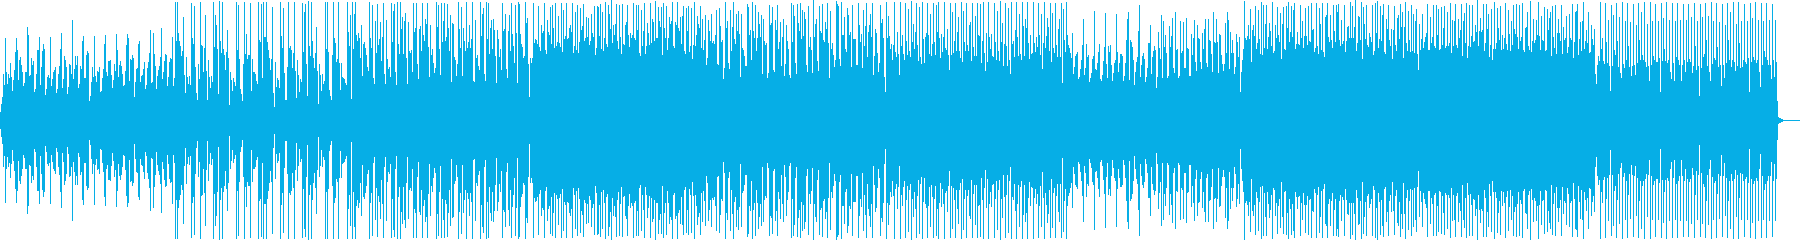 少し切ないEDMの再生済みの波形